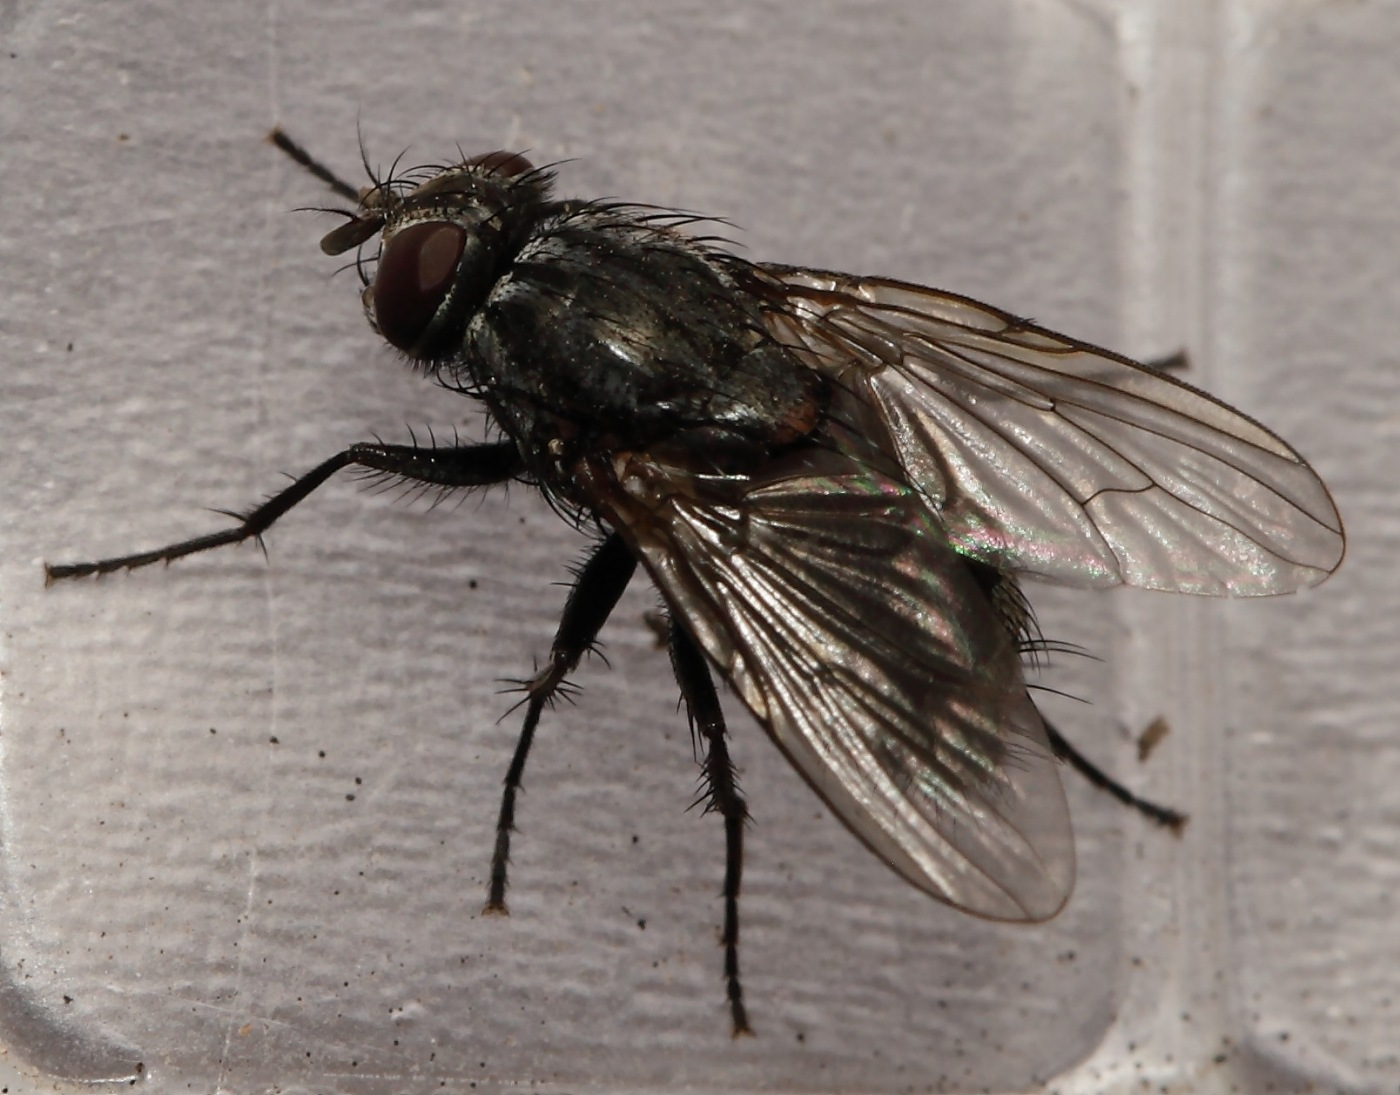 Полосатая муха похожая на осу: название, фото и описание